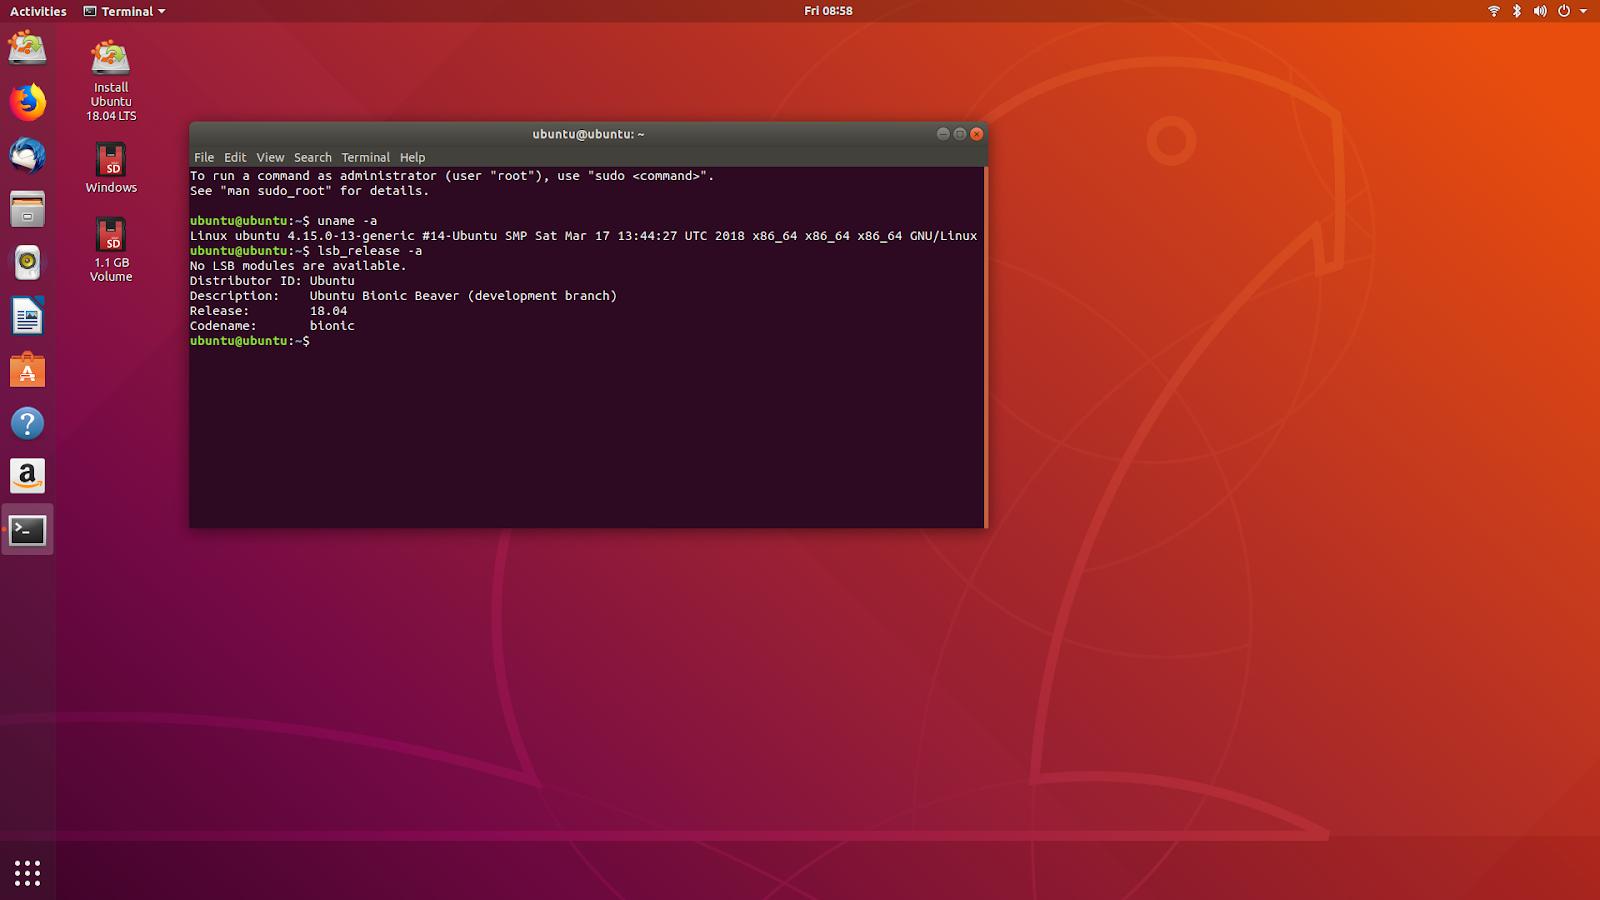 linuxium com au: Fourth look at Ubuntu 18 04 LTS (Bionic